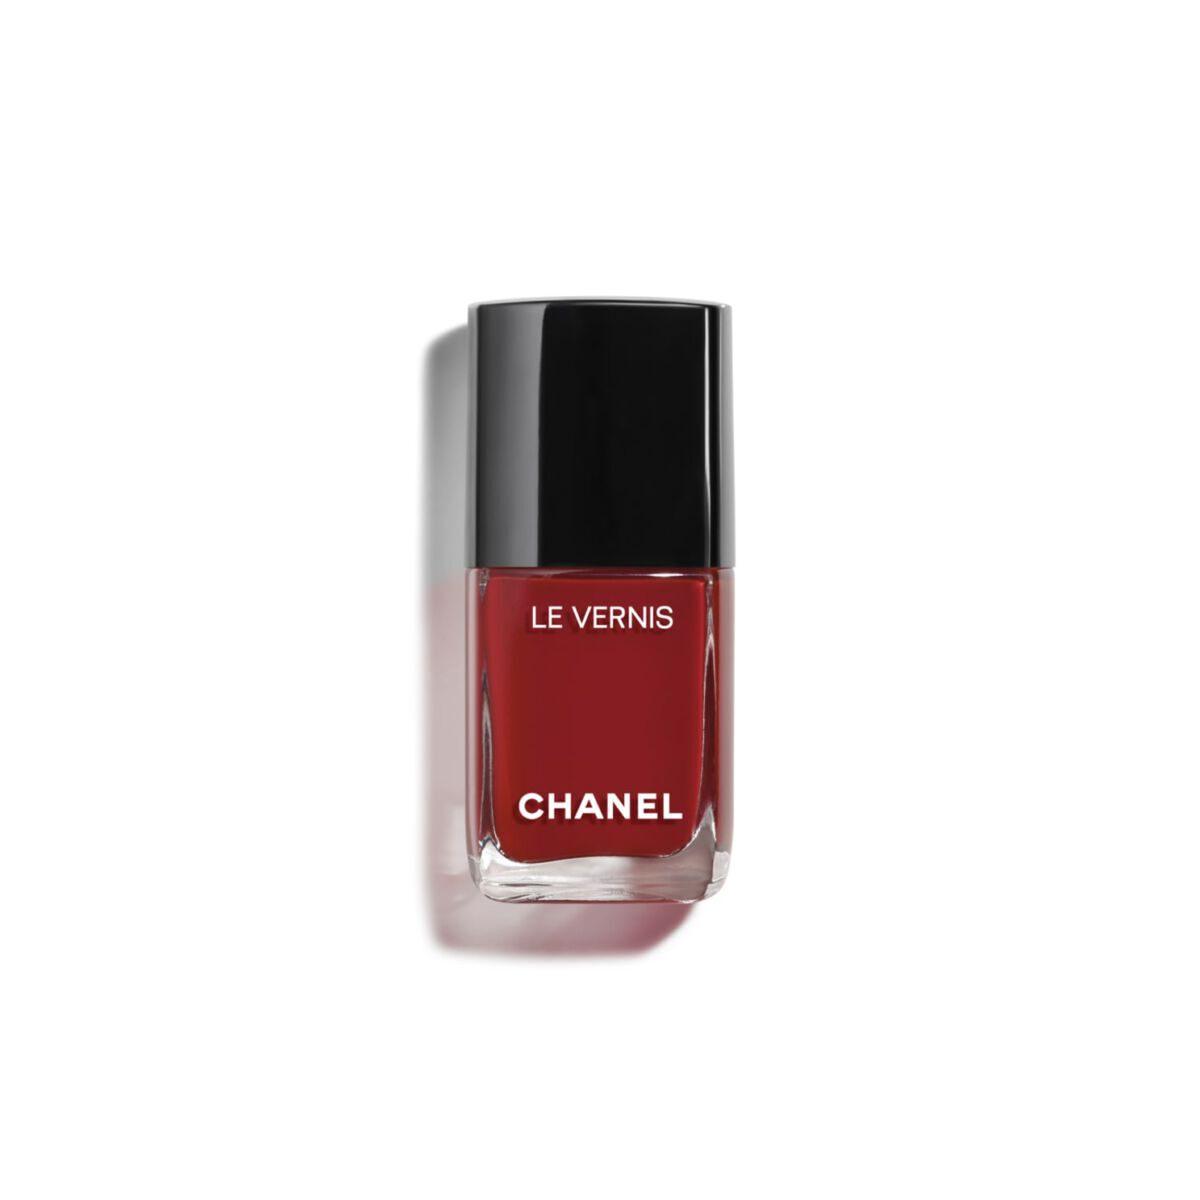 Nagellack 911 von Chanel